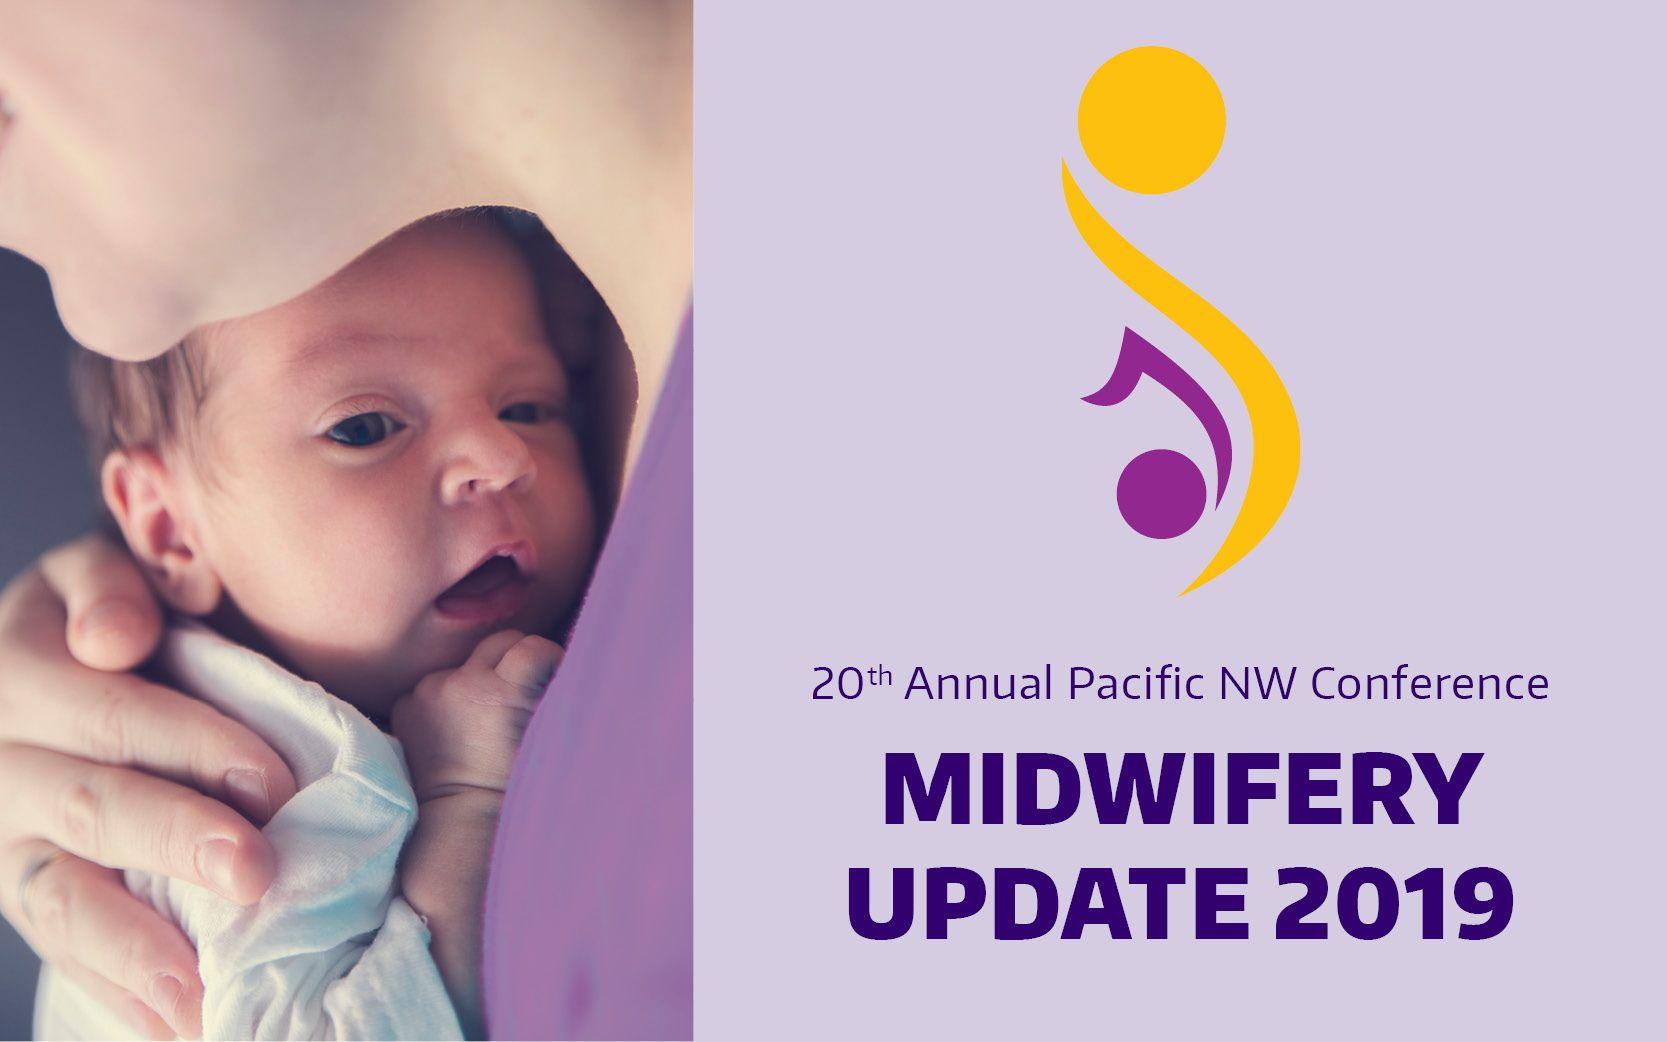 Midwifery Update 2019 Midwifery, Nursing education